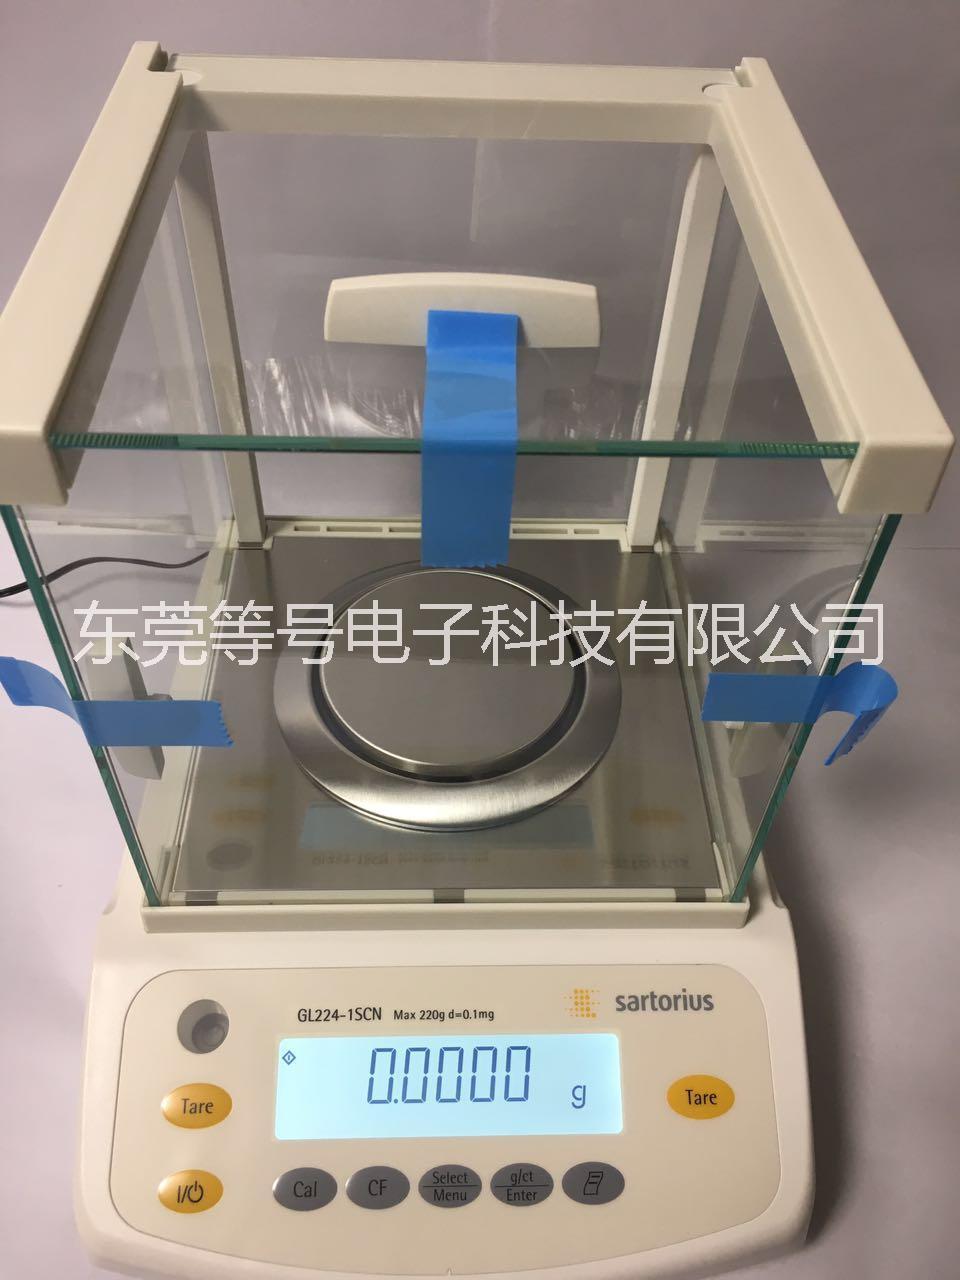 赛多利斯GL623-1SCN价格赛多利斯GL623-1SCN 珠宝天平 专业维修 供应